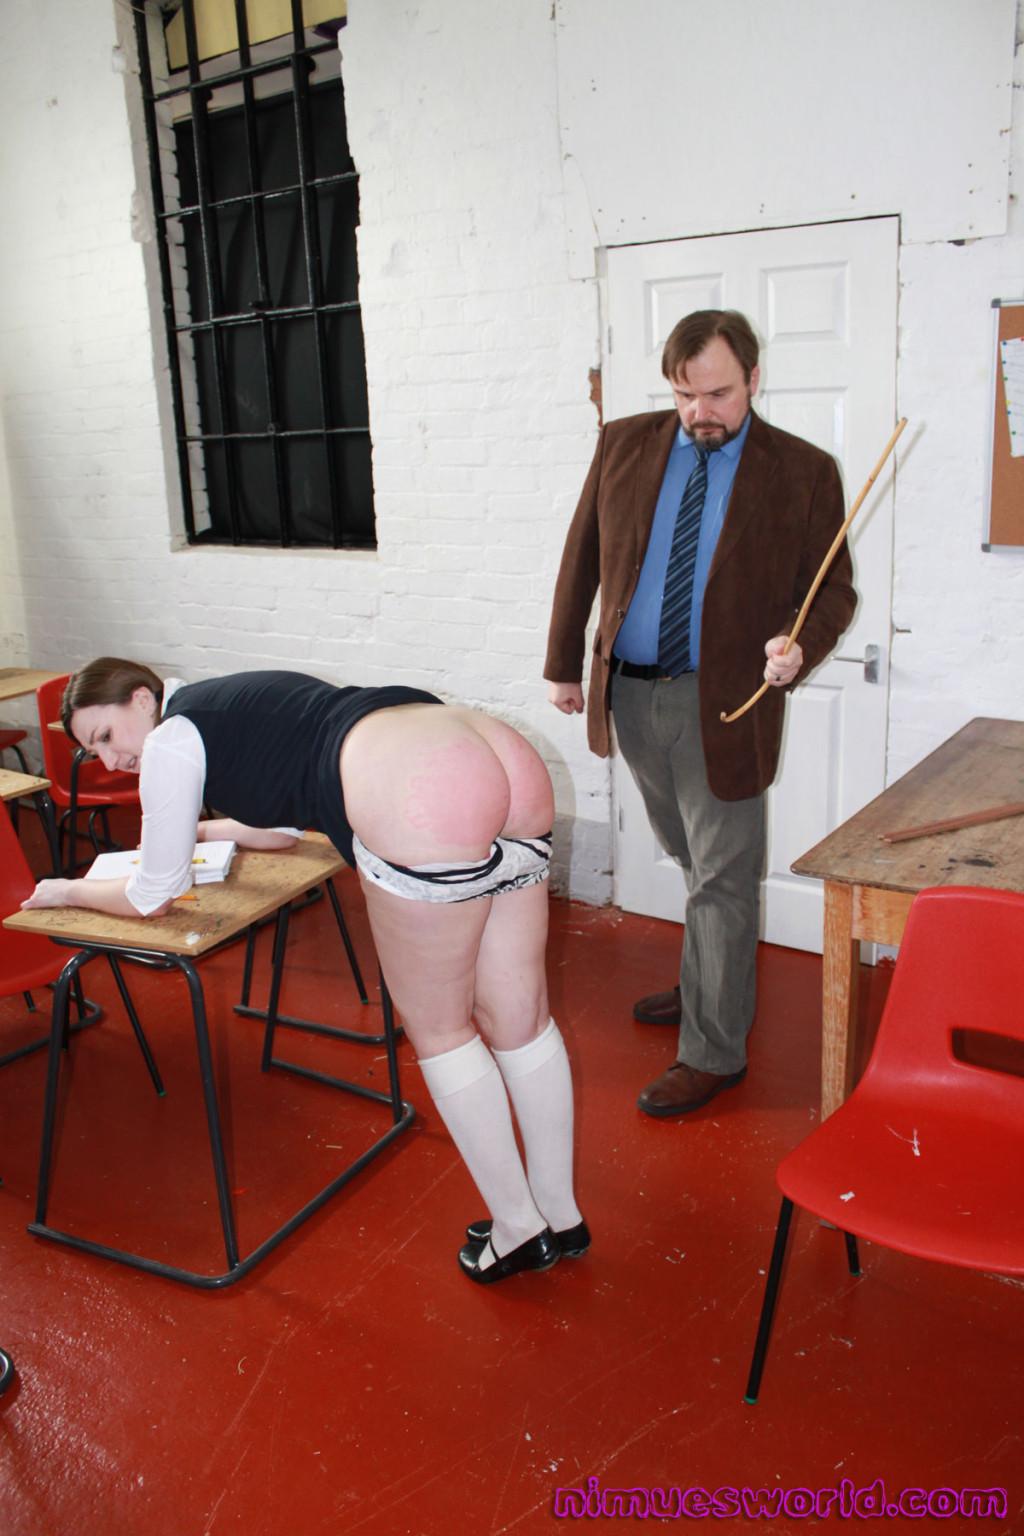 Bare fanny spanking